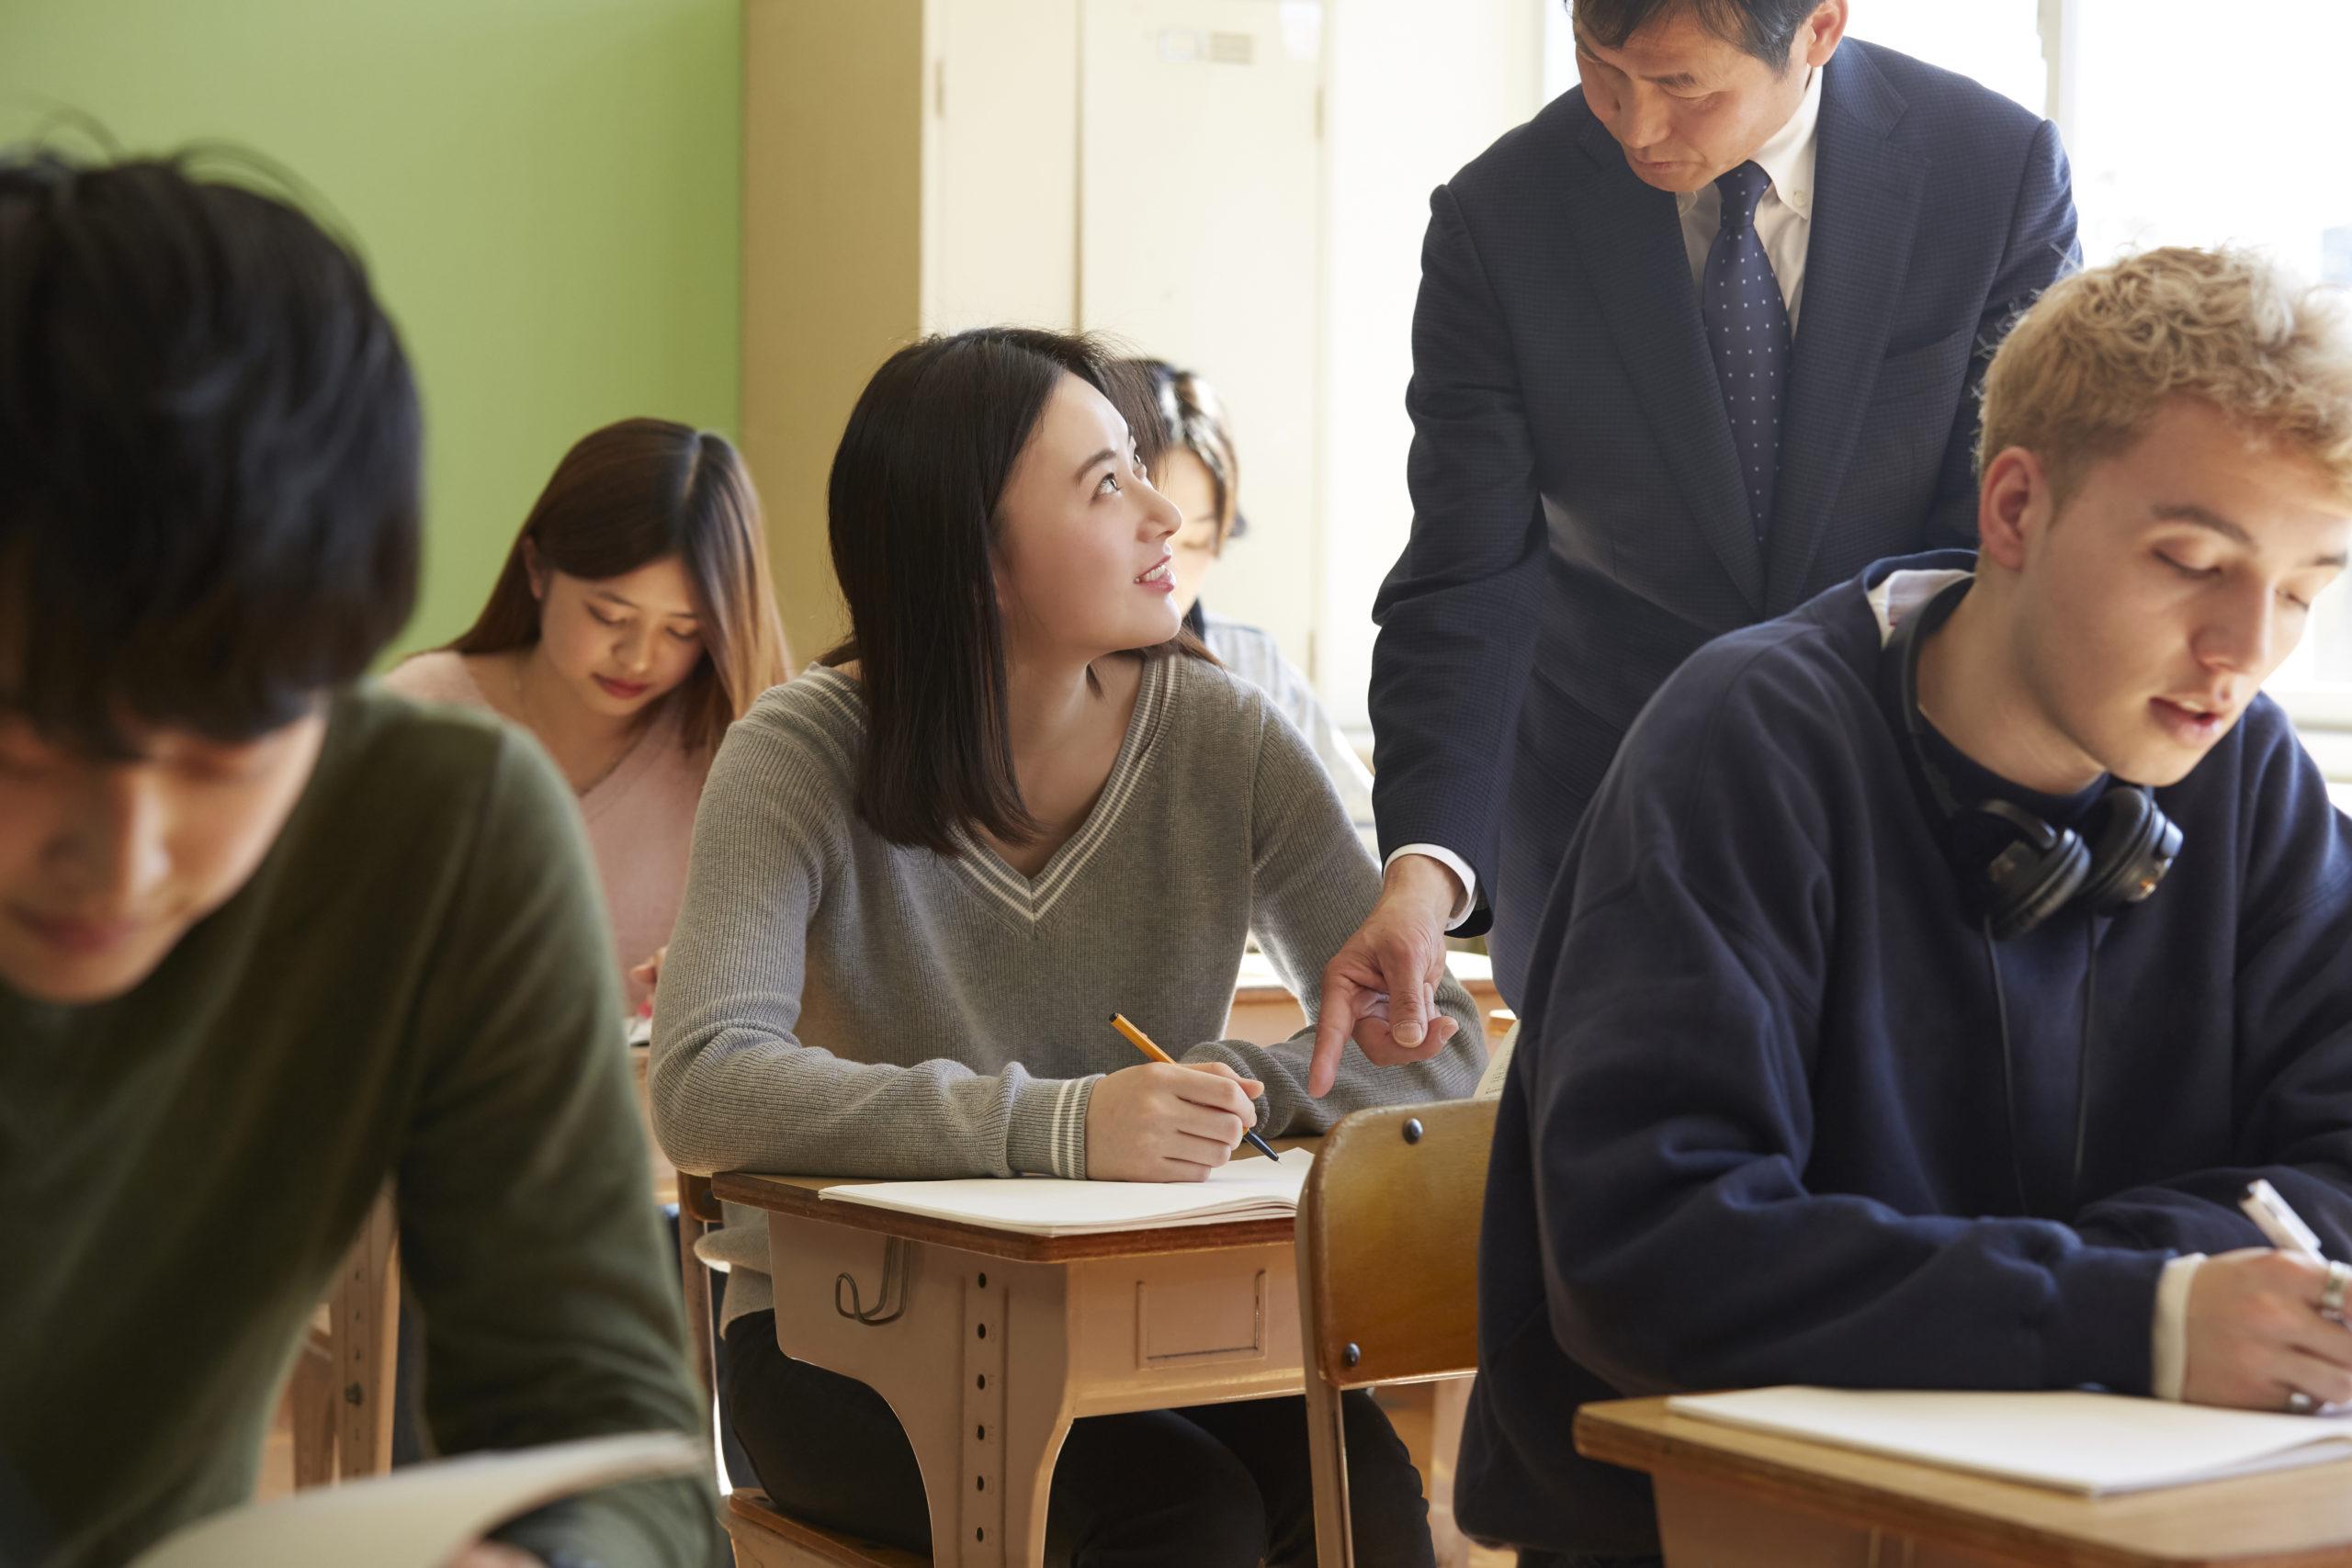 大阪・京都予備校・ミリカ予備校浪人生の部・ホーム8